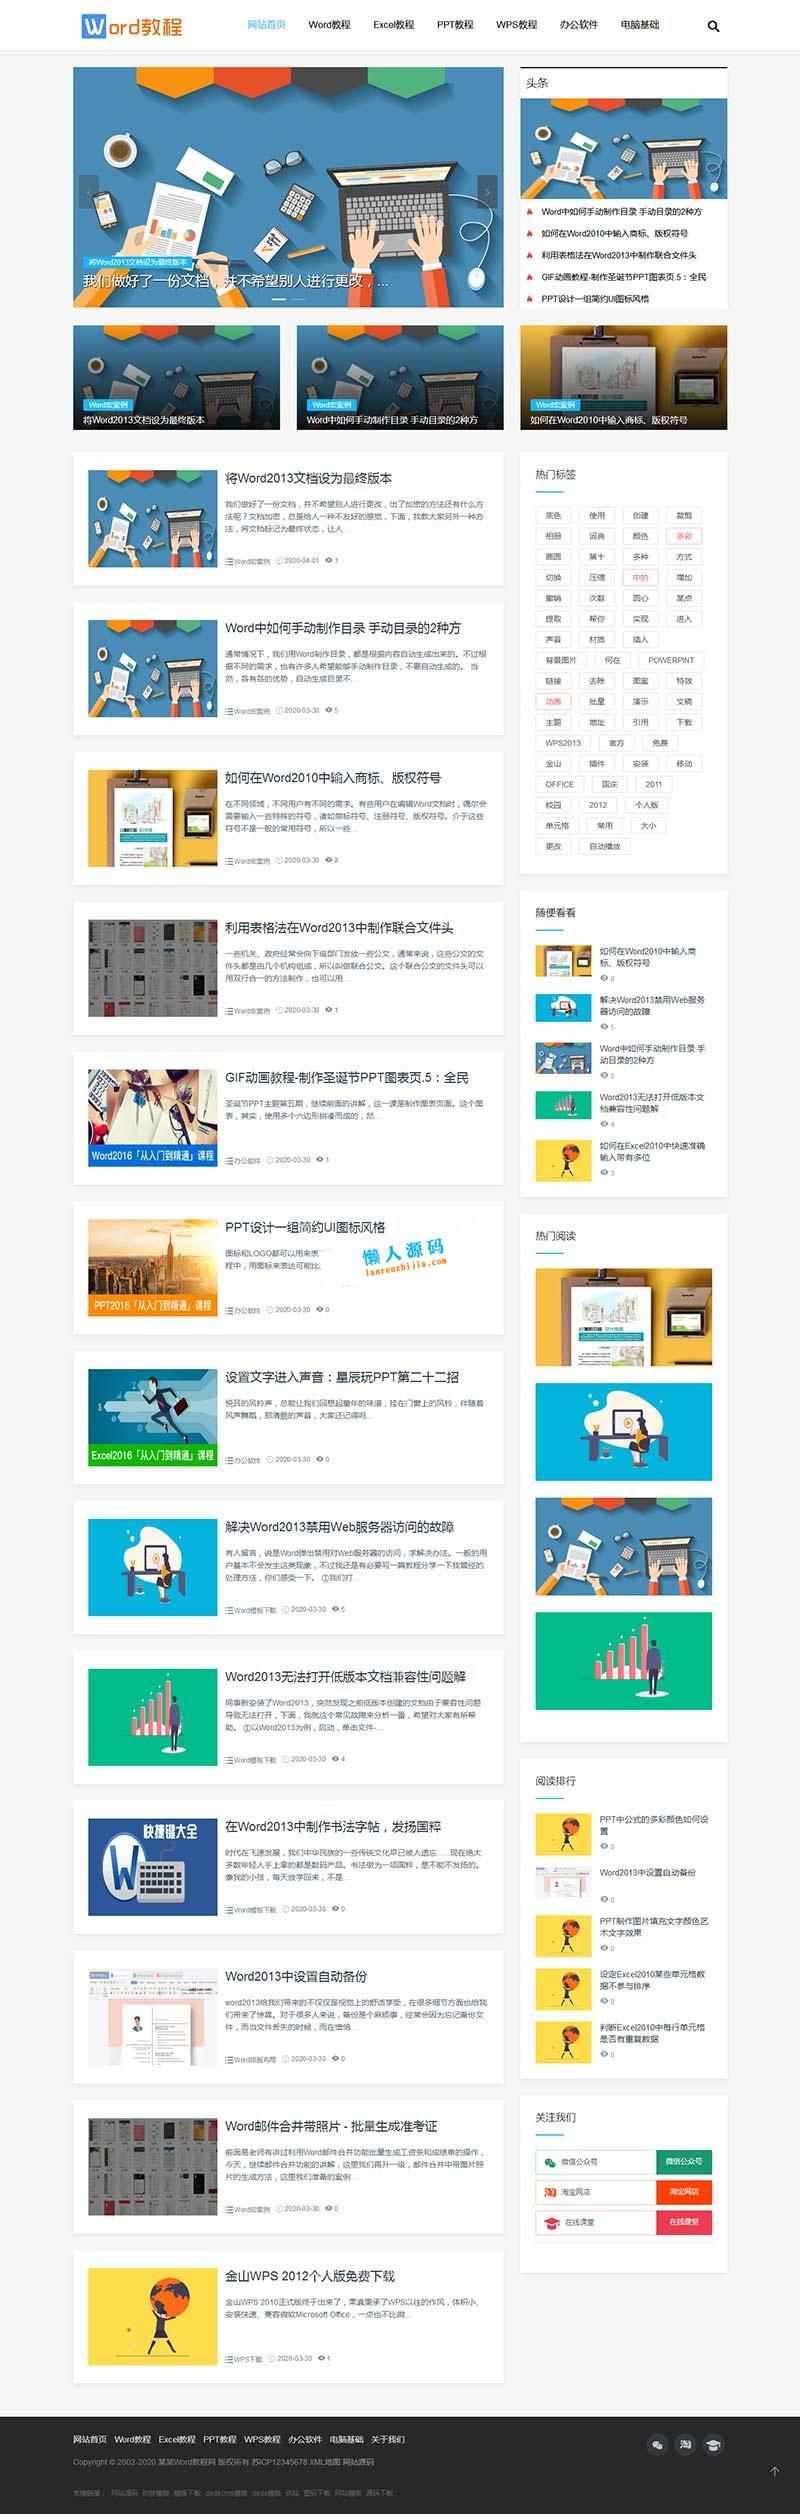 织梦dedecms响应式word教程电脑办公软件教程资源网站模板